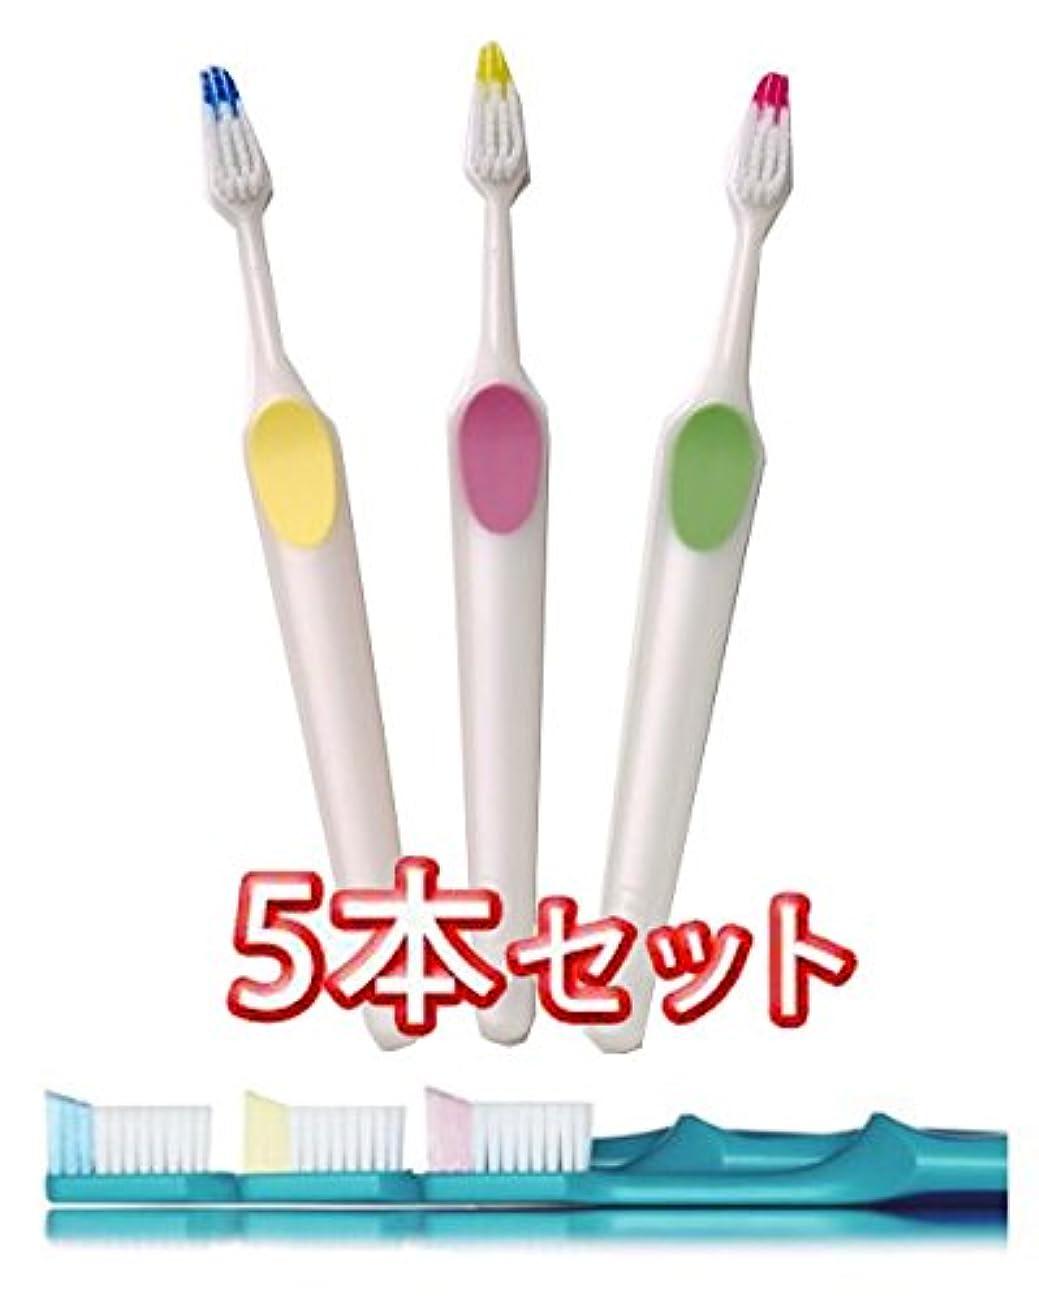 収容する画像請求書クロスフィールド TePe テペ ノバ(Nova) 歯ブラシ 5本 (ミディアム)